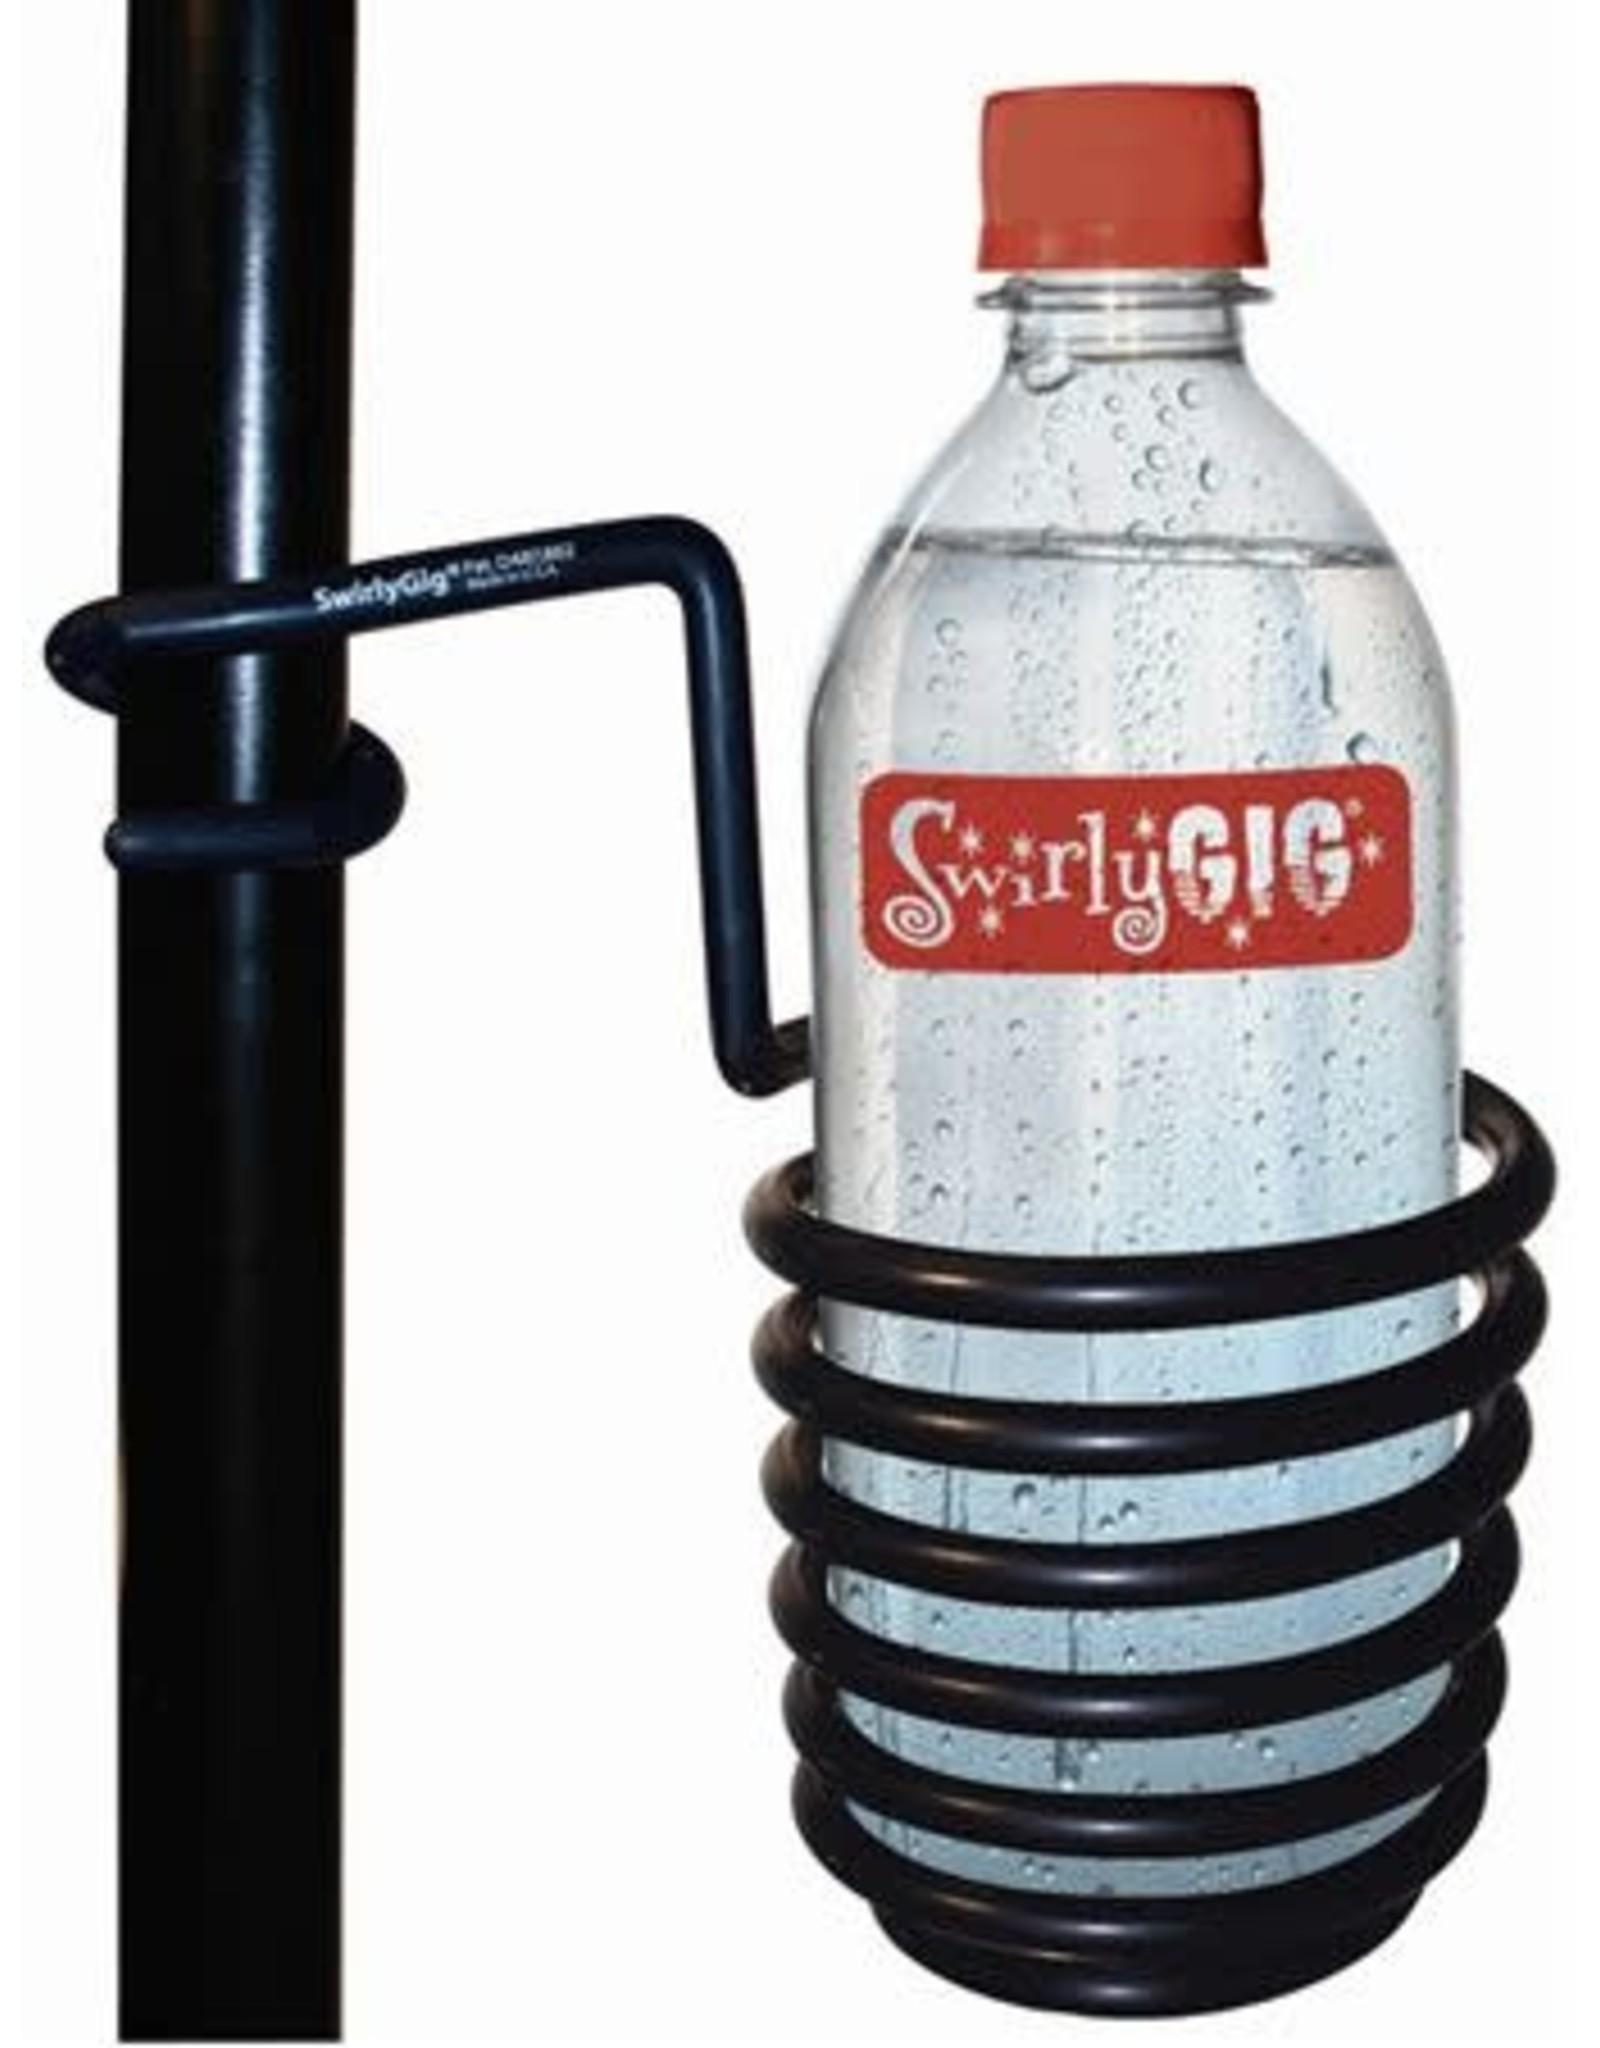 SwirlyGig The SwirlyGig II Drink Holder for 1 inch. Tubing -Black Accessory